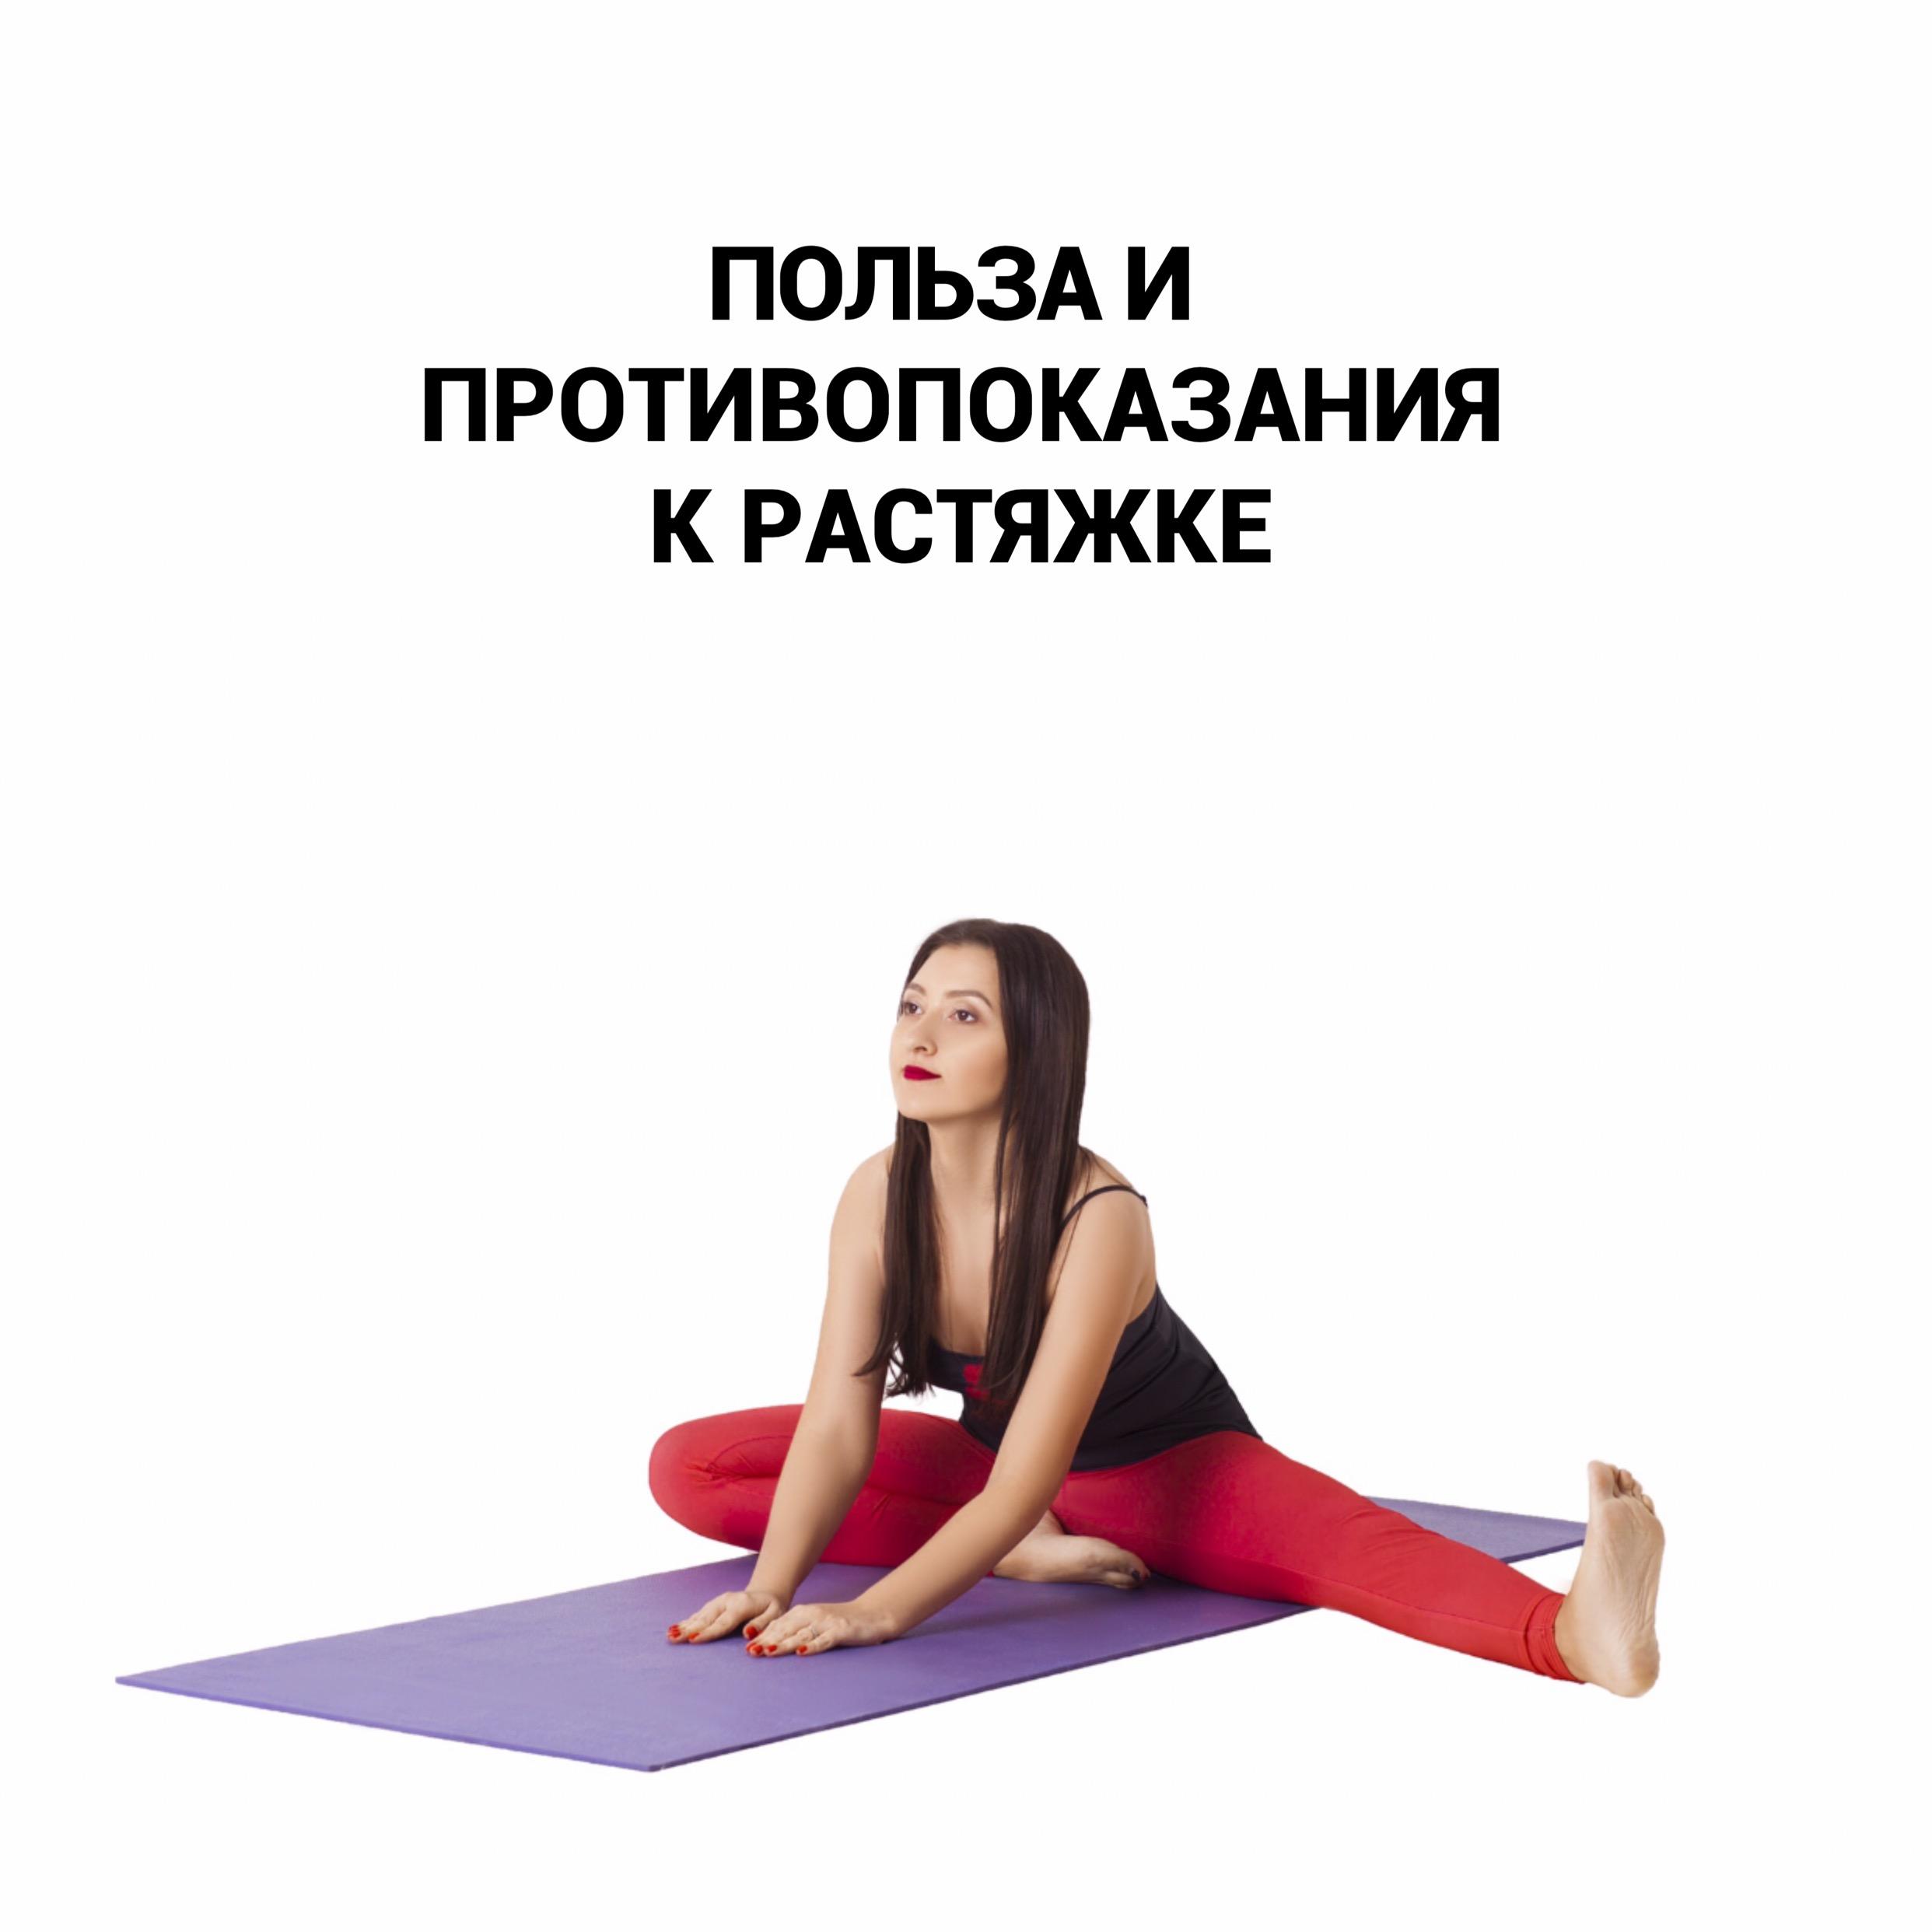 Что такое стретчинг в фитнесе и для чего он нужен, чем опасен, упражнения, фото, видео